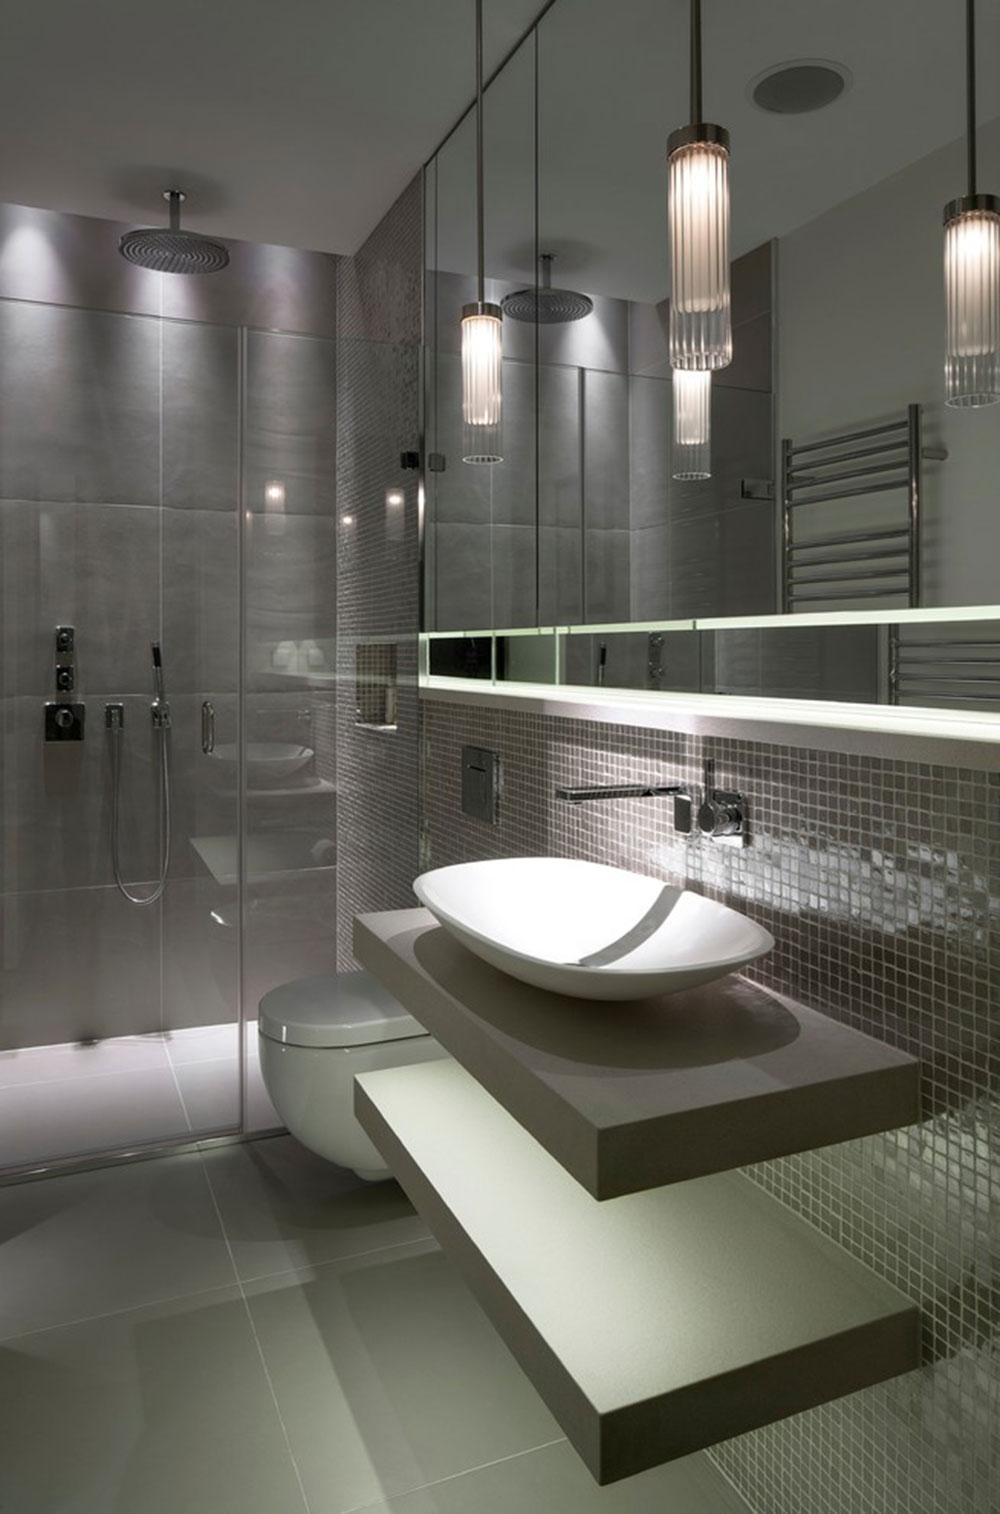 Grå-badrum-idéer-för-avkoppling-dagar1 Grå-badrum-design-idéer